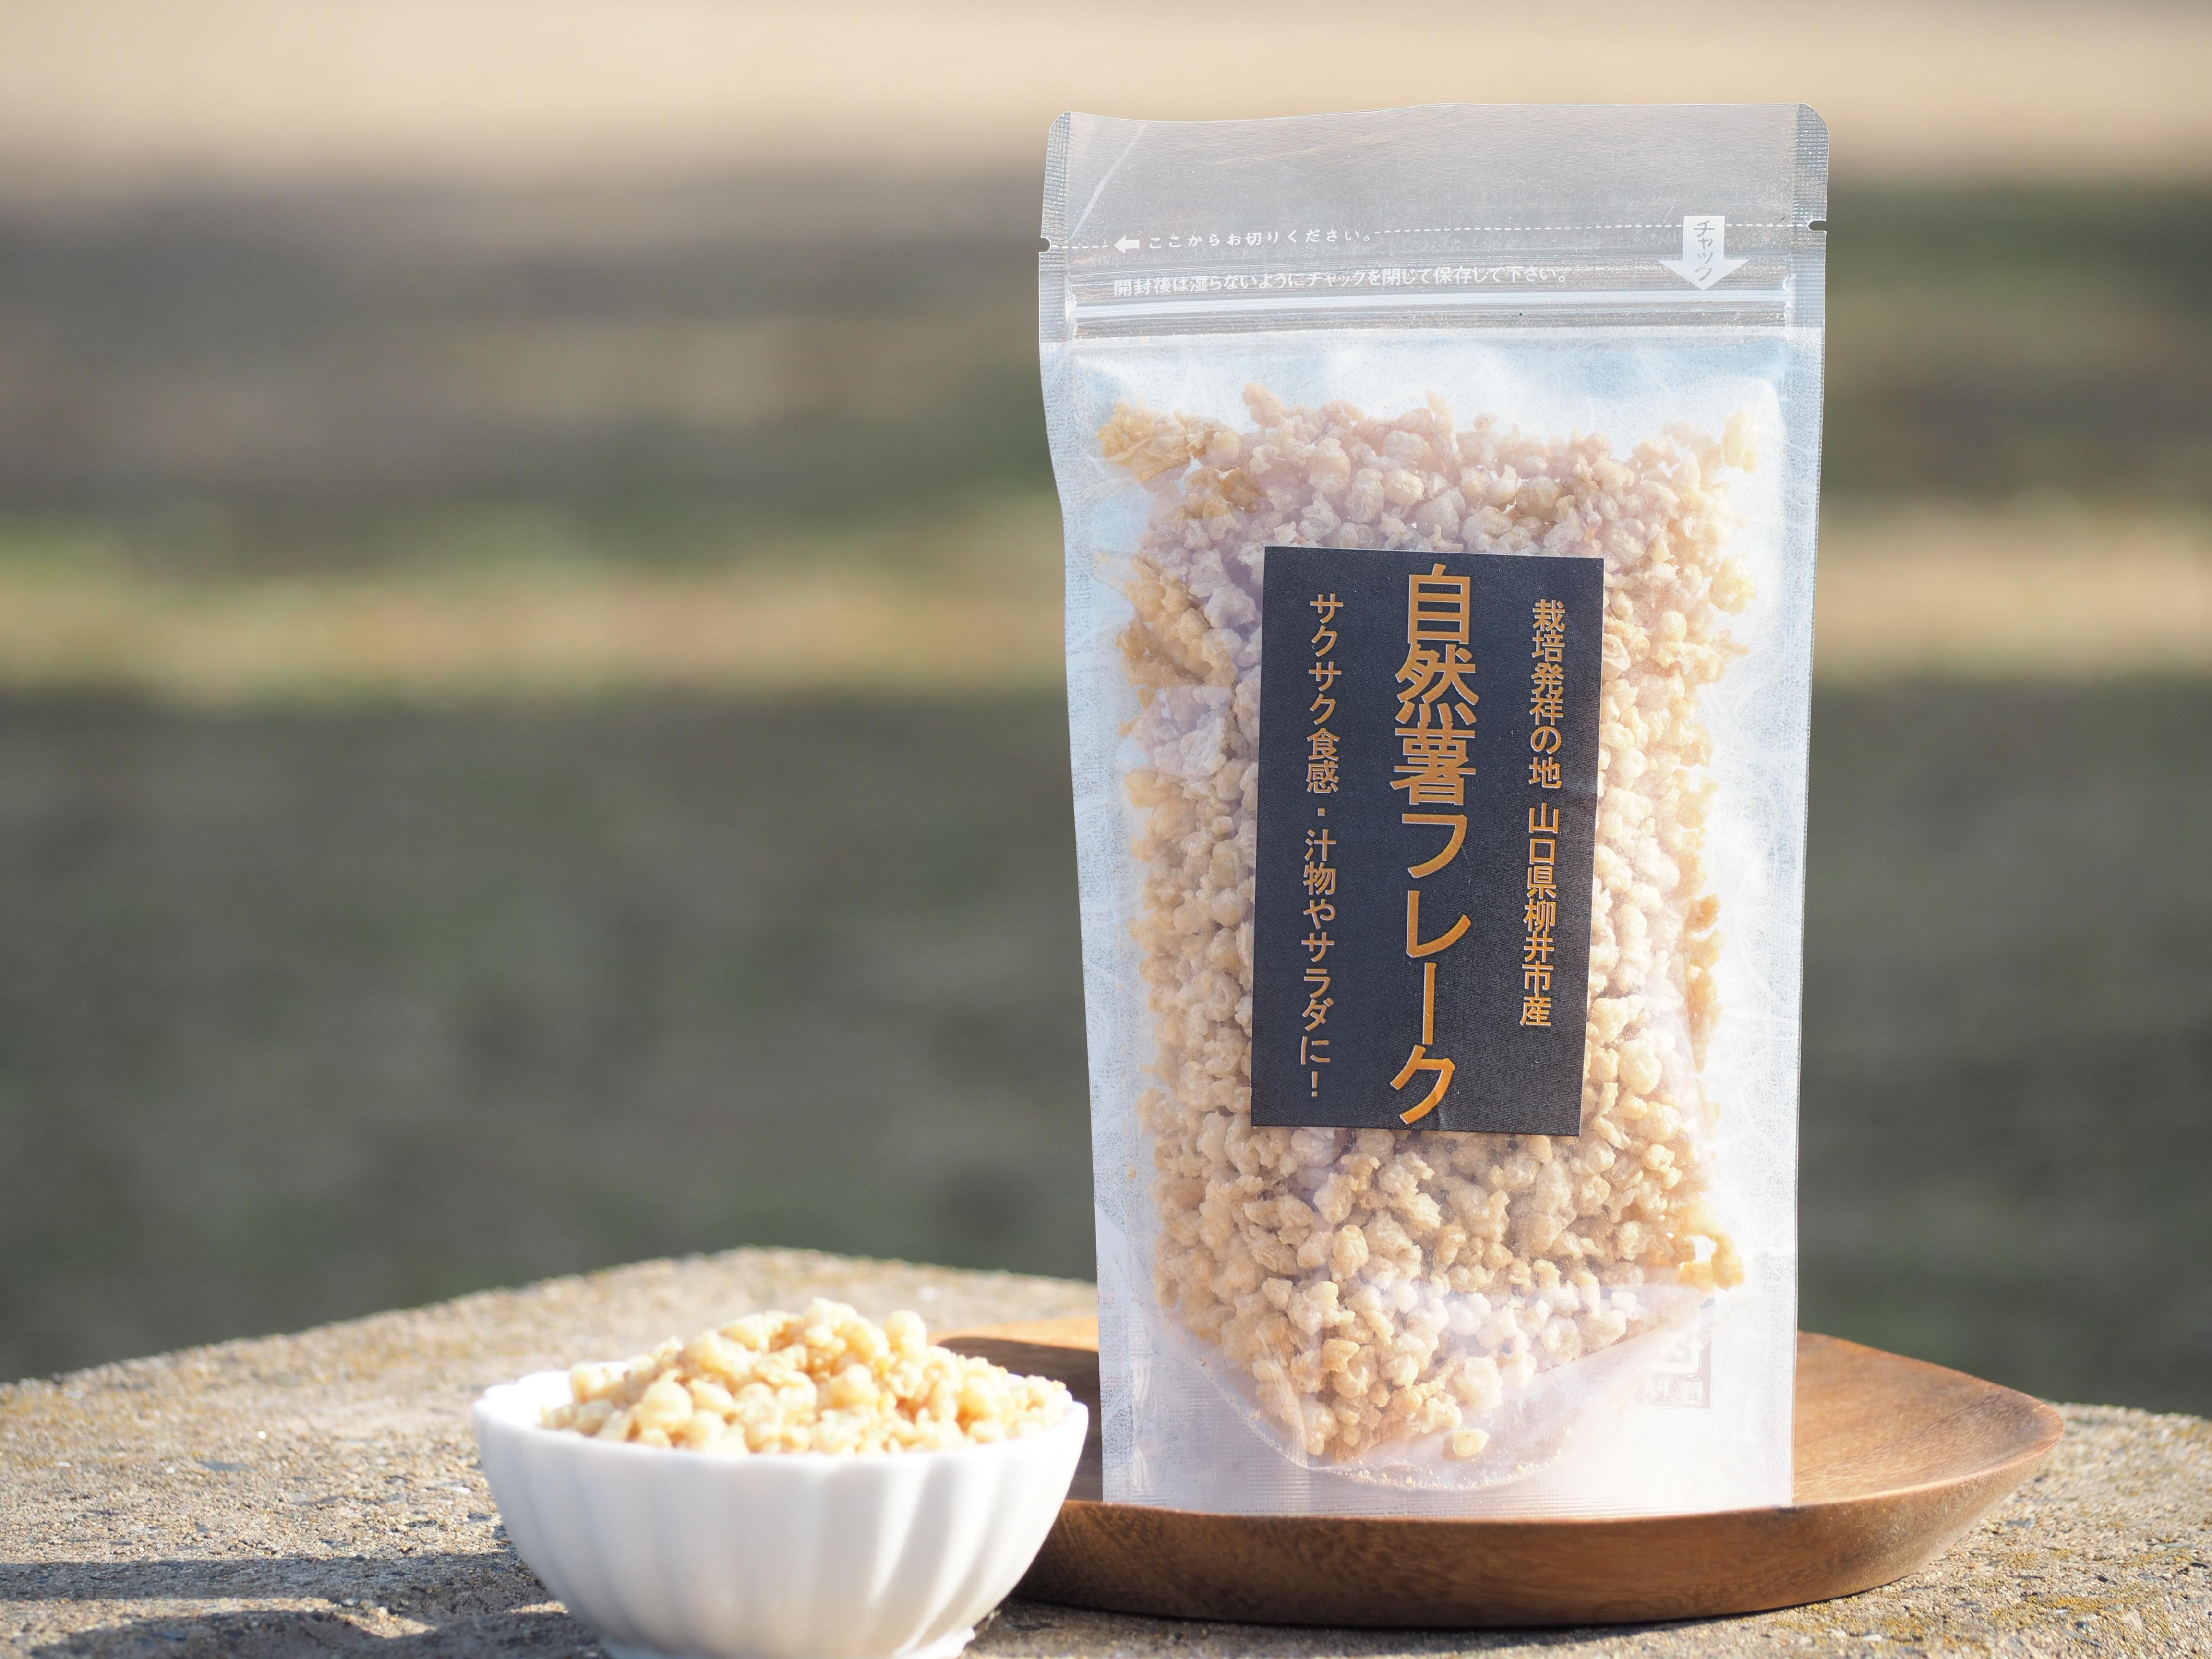 【サクサクとろとろ食感】自然薯フレーク150g×5袋